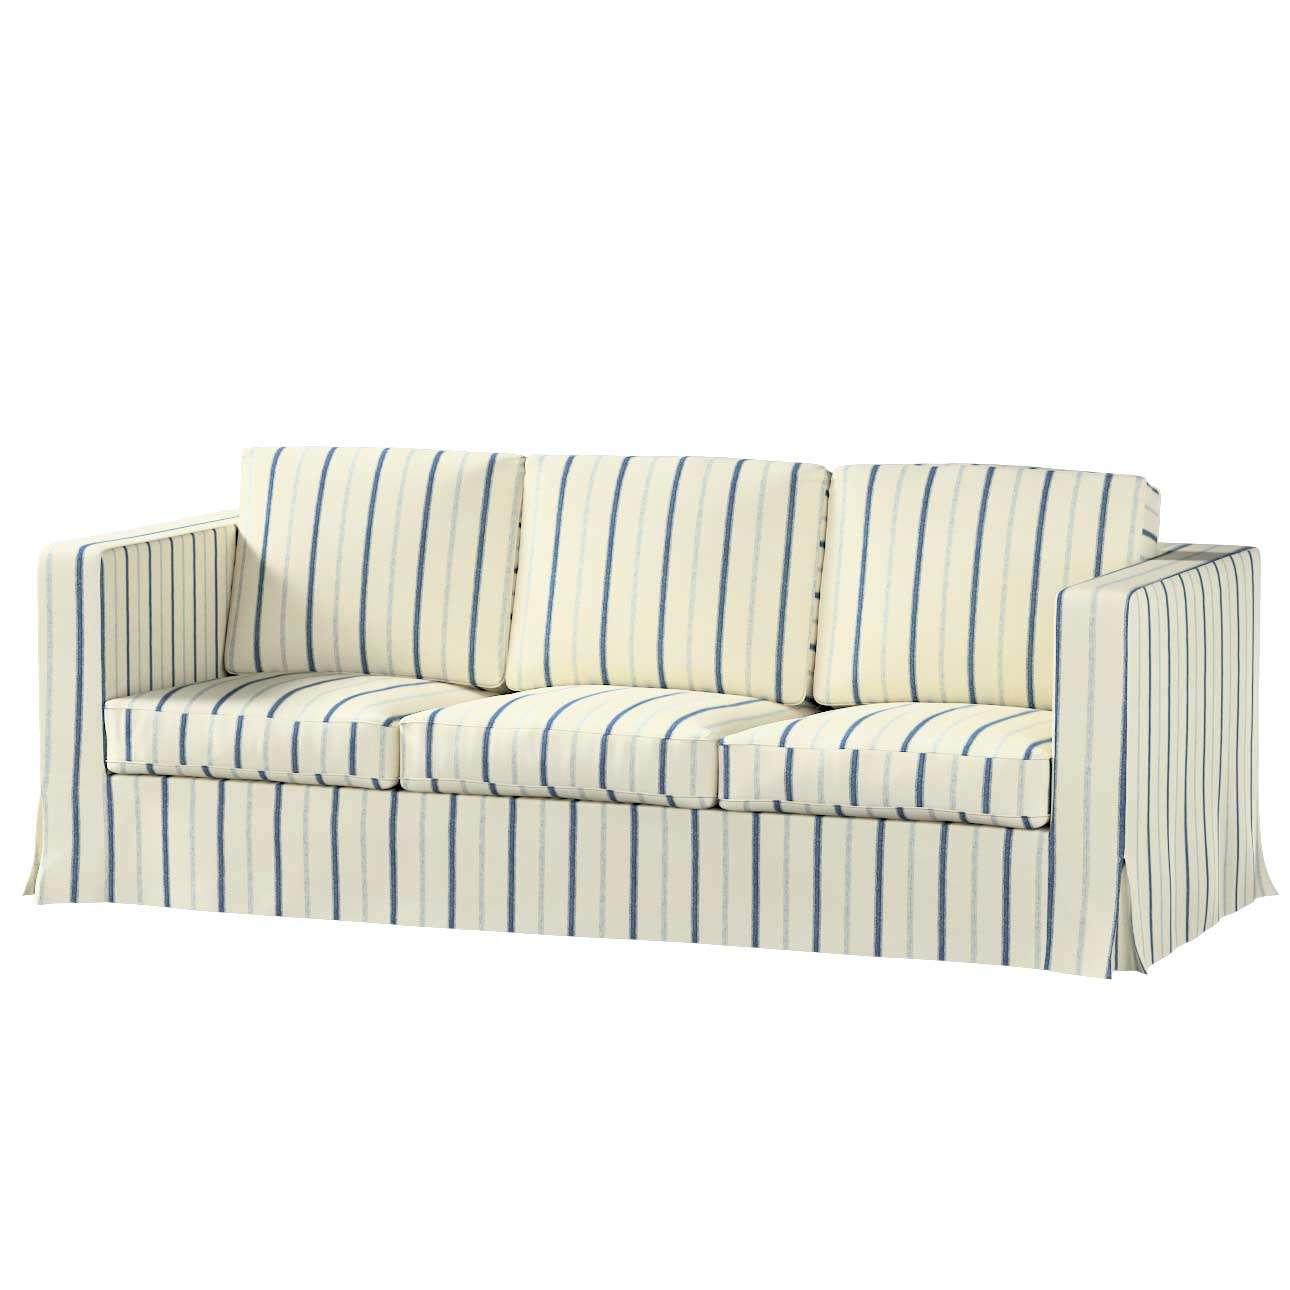 Pokrowiec na sofę Karlanda 3-osobową nierozkładaną, długi Sofa Karlanda 3-os w kolekcji Avinon, tkanina: 129-66